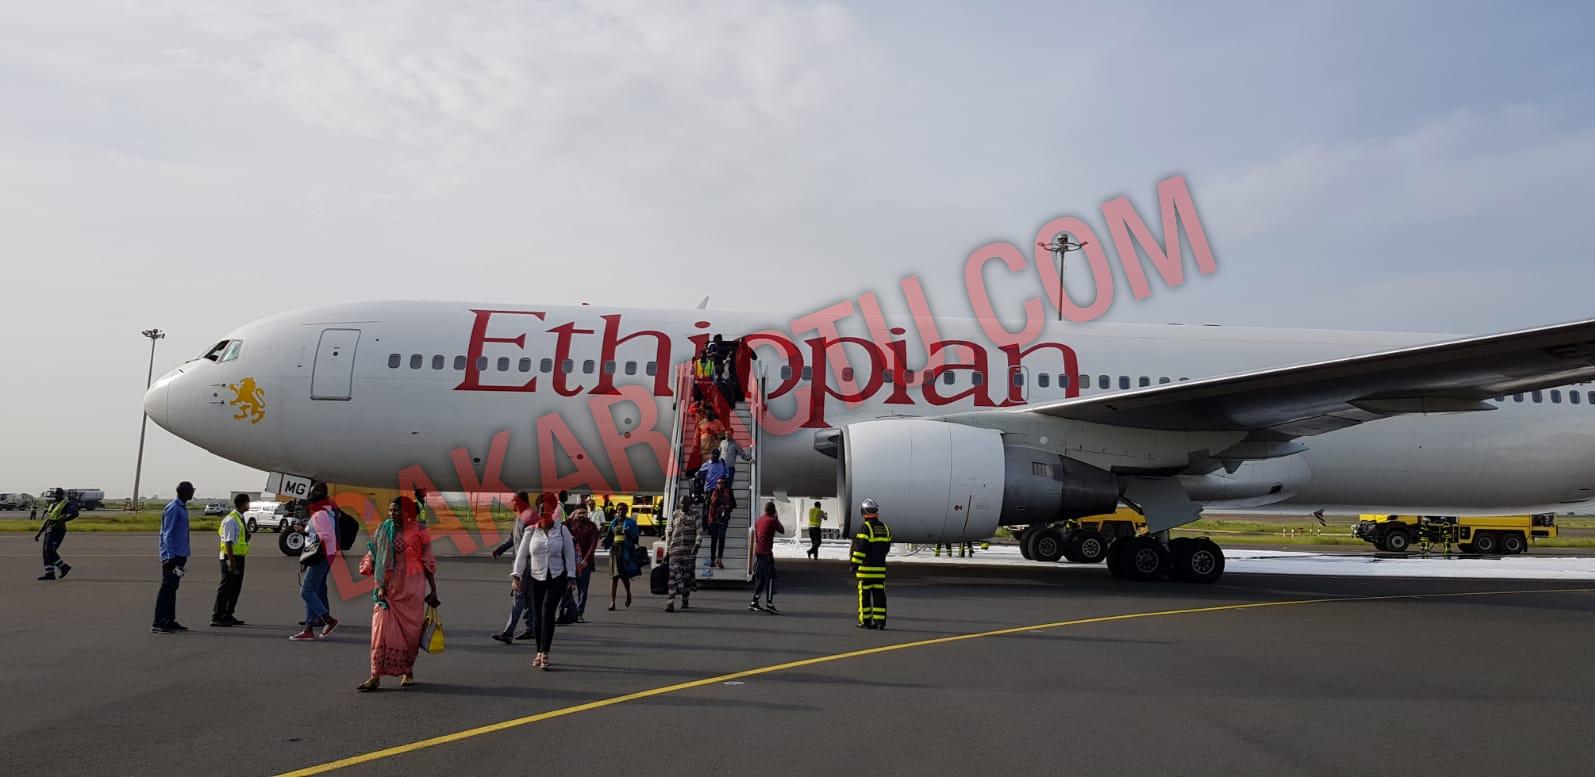 Non assistance à personne en danger, gestion lamentable de crise, utilisation d'avions vétustes pour la desserte africaine : Le « Crash» Ethiopian Airlines constaté par les passagers du vol ET908